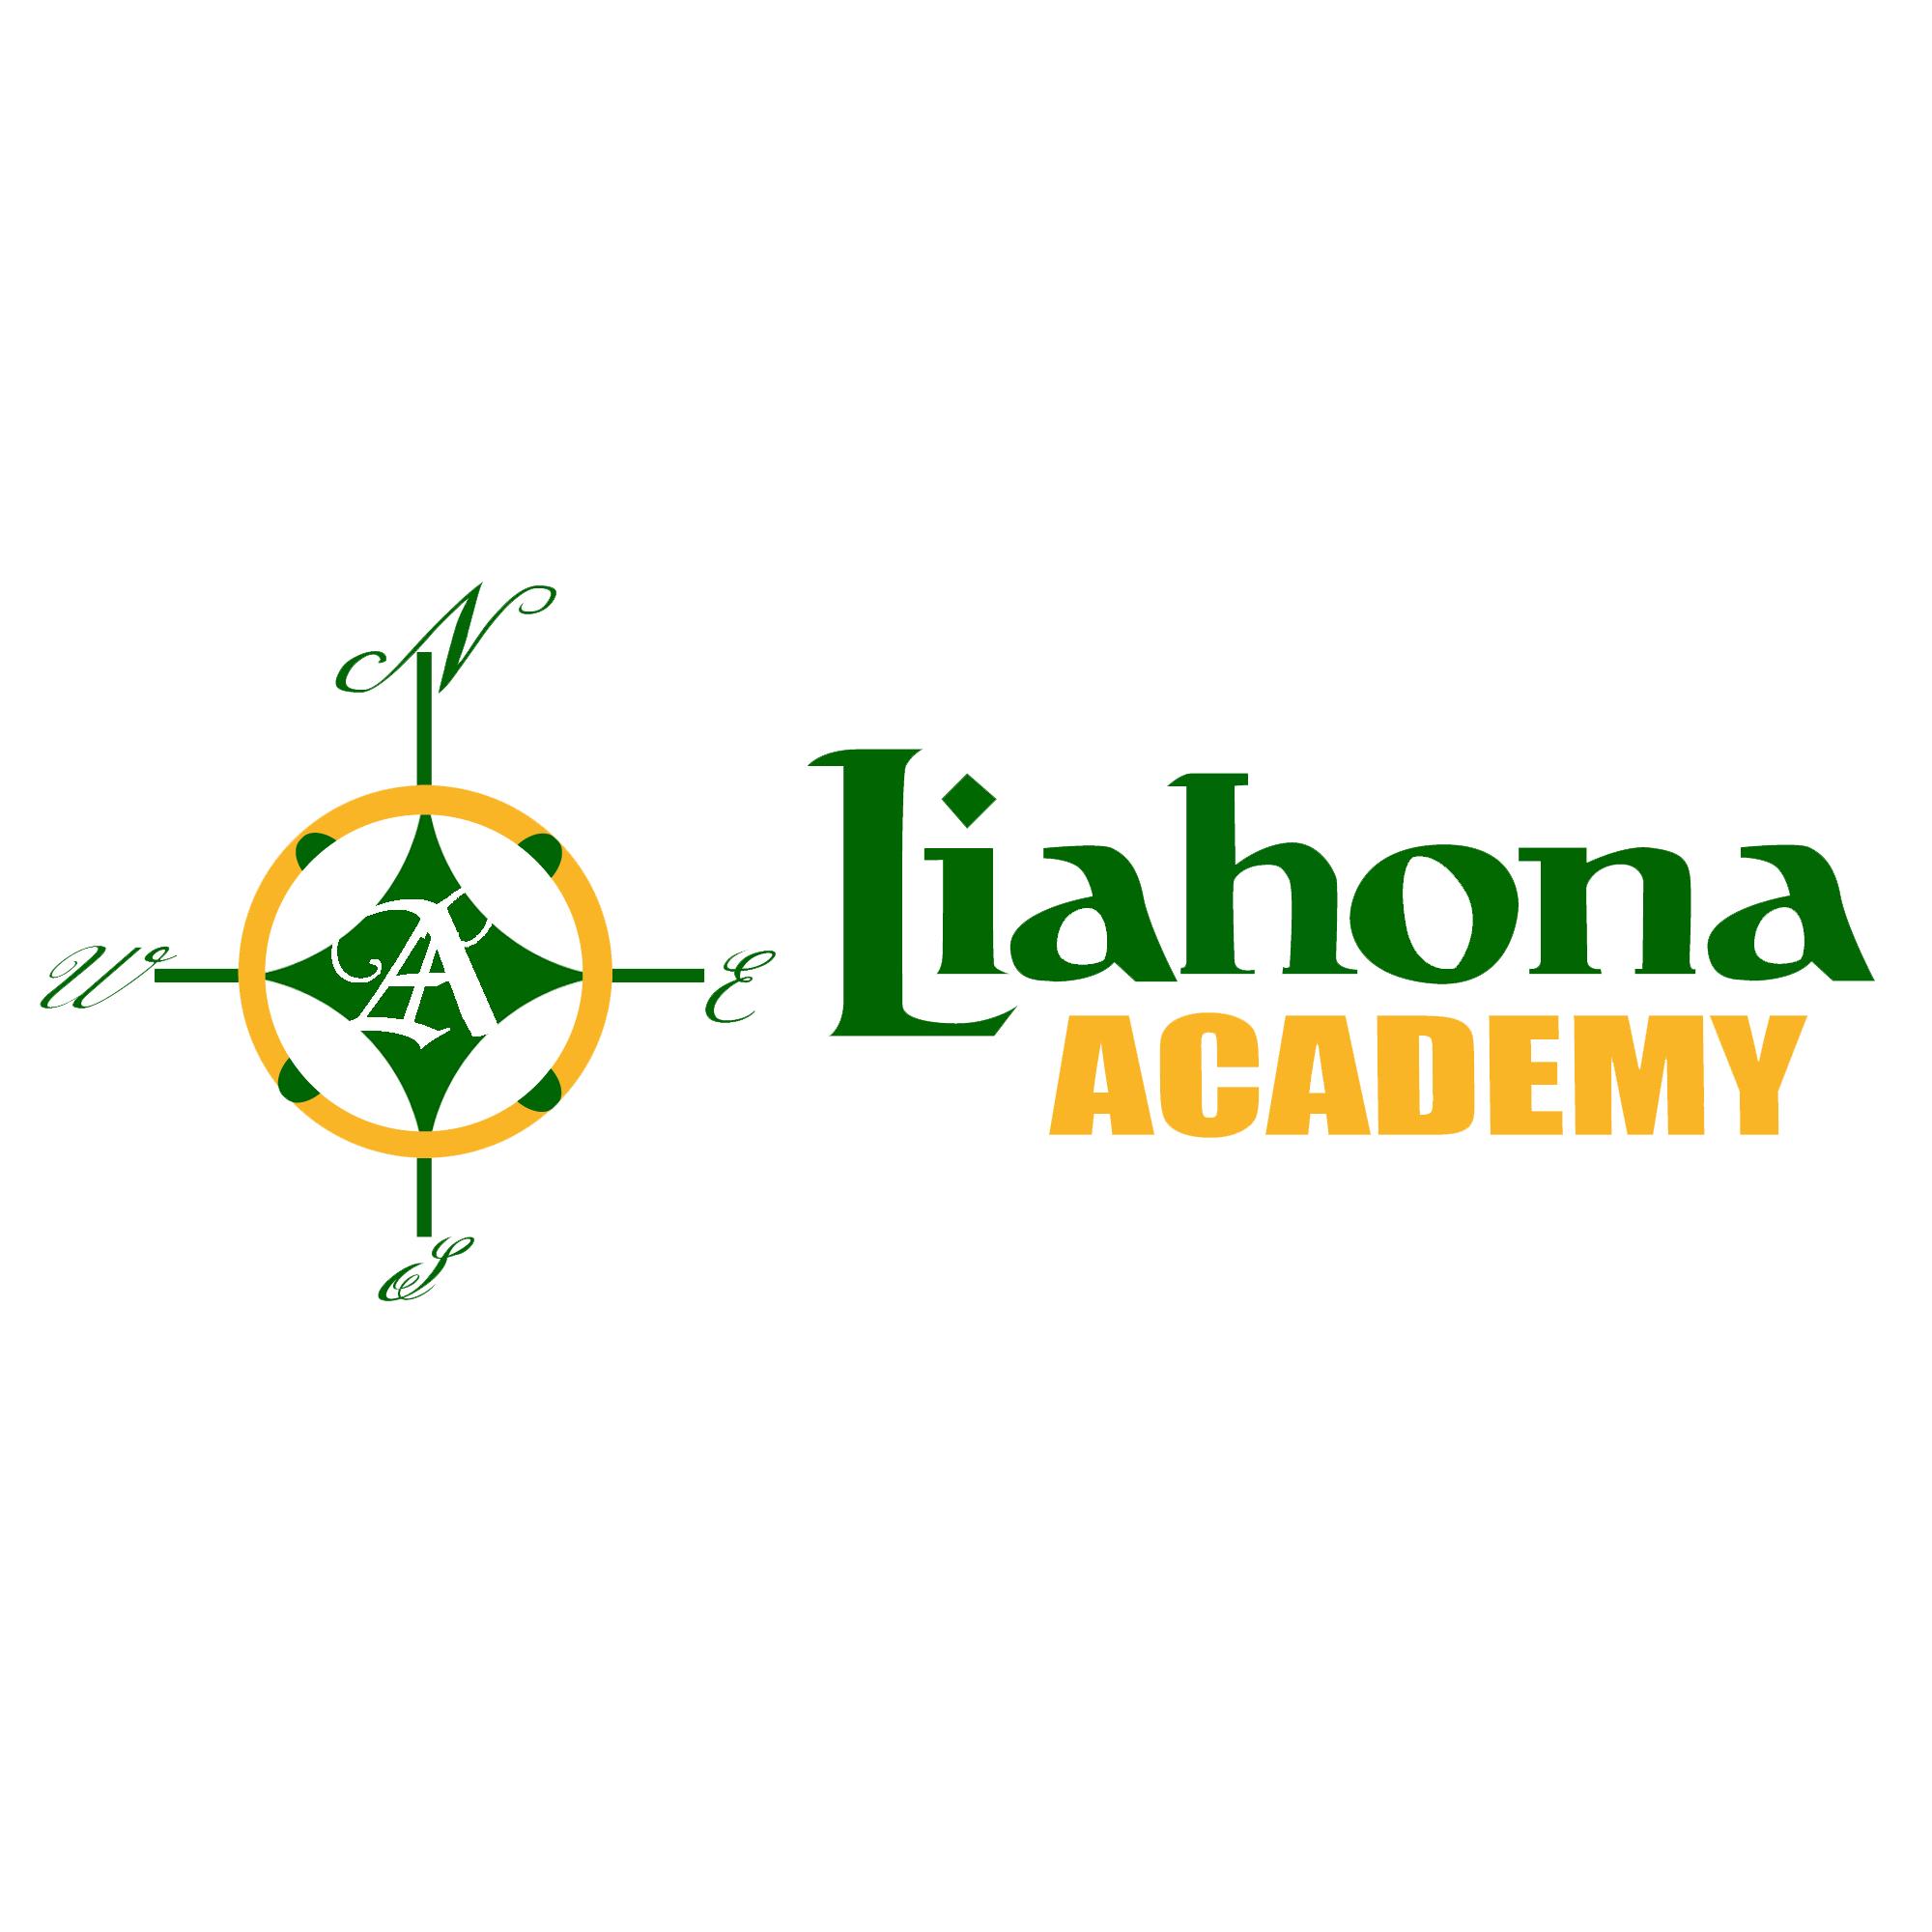 Liahona Academy